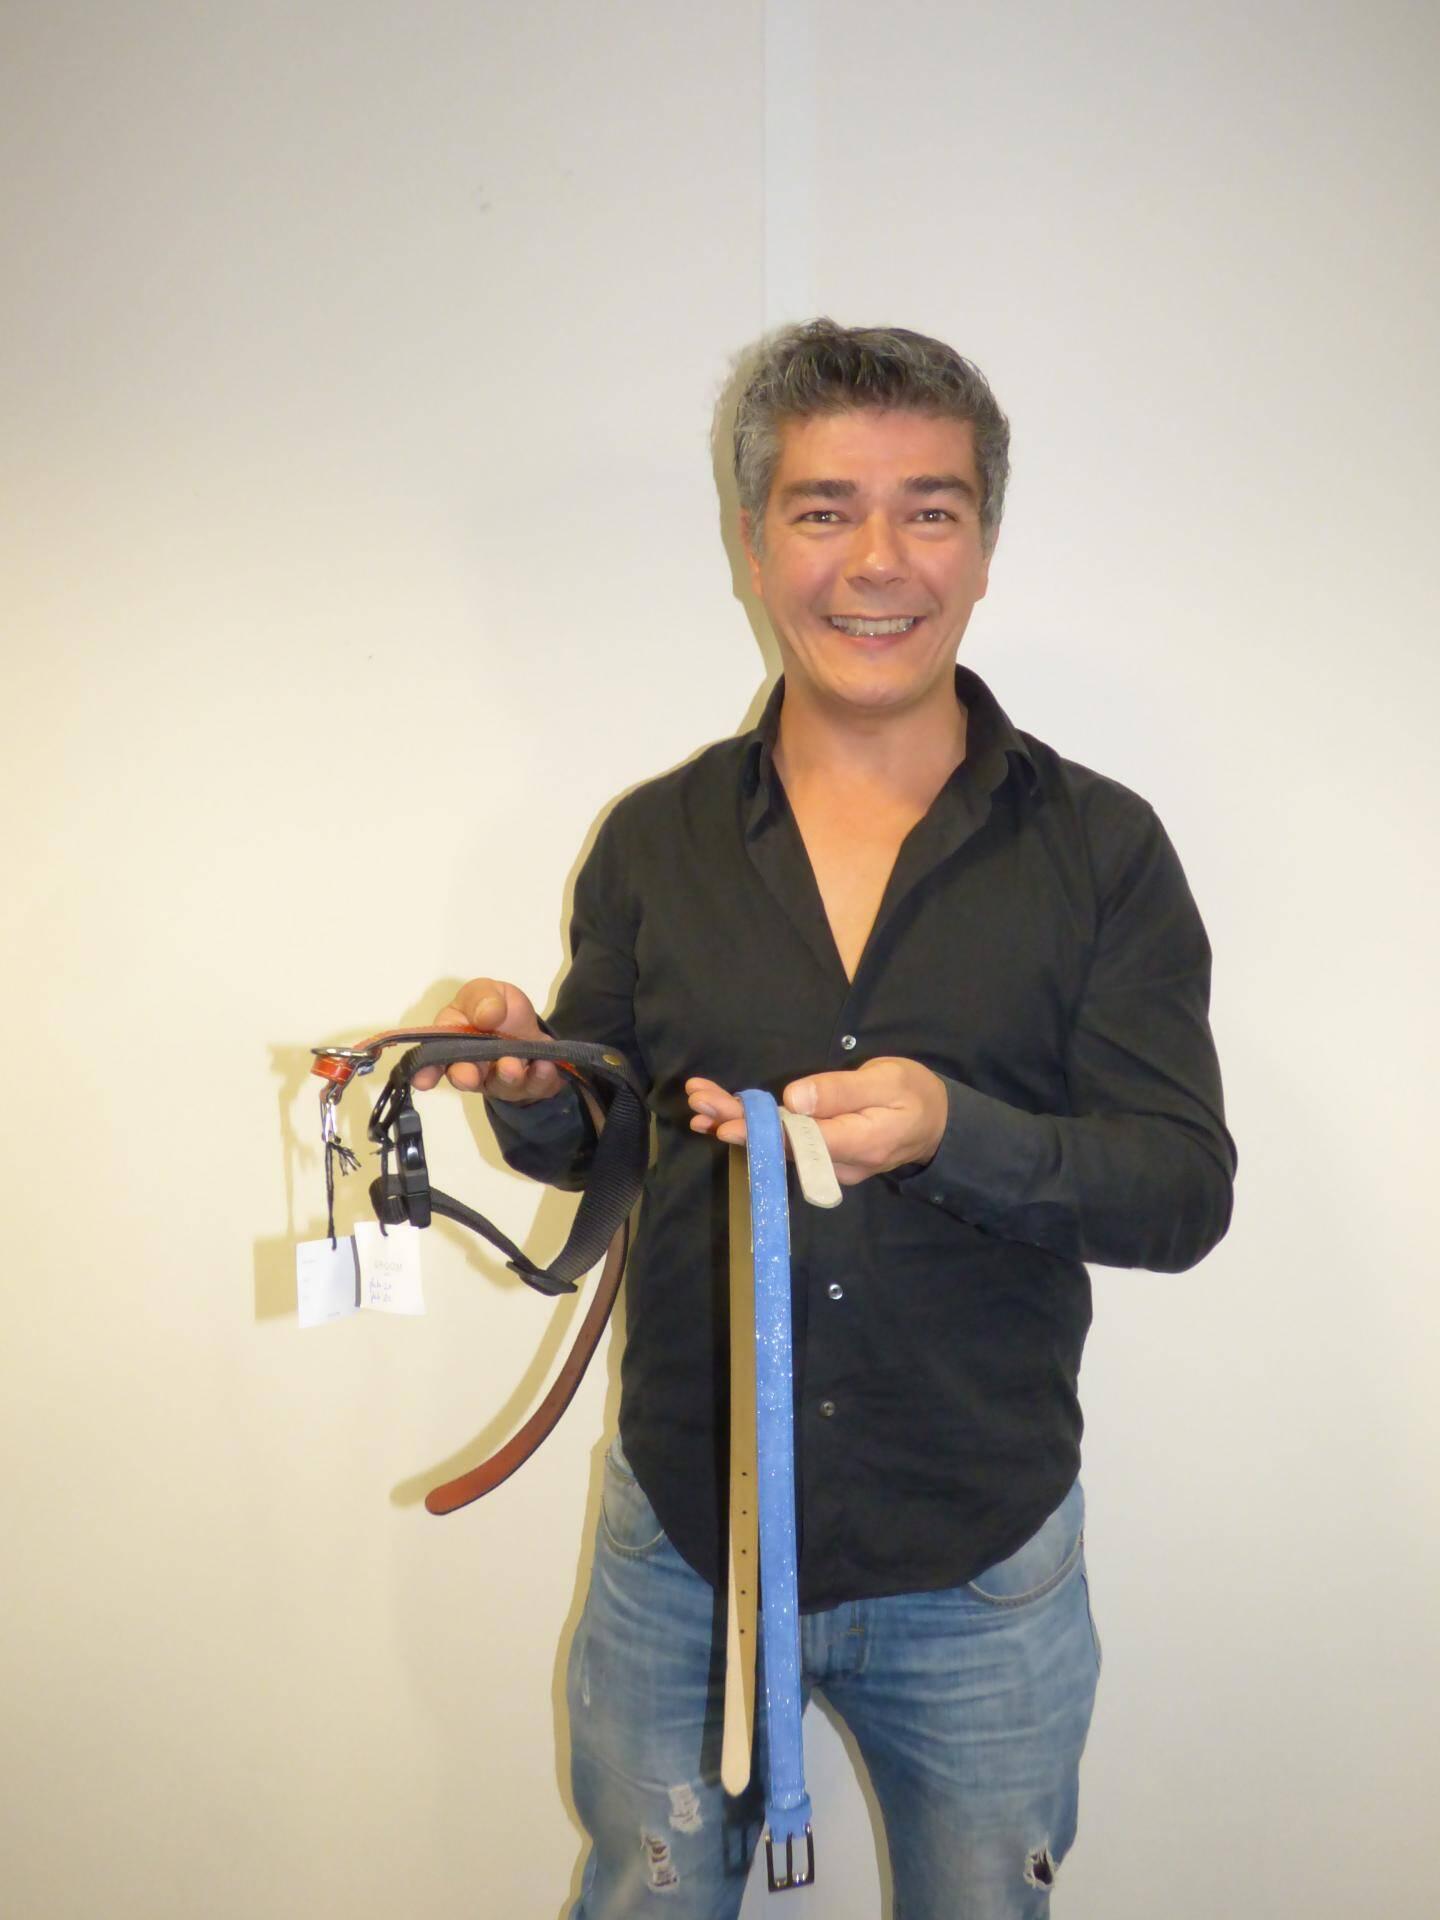 Dans ces ceintures ou bien ces colliers pour animaux, se trouve une balise de déplacements biocompatible.